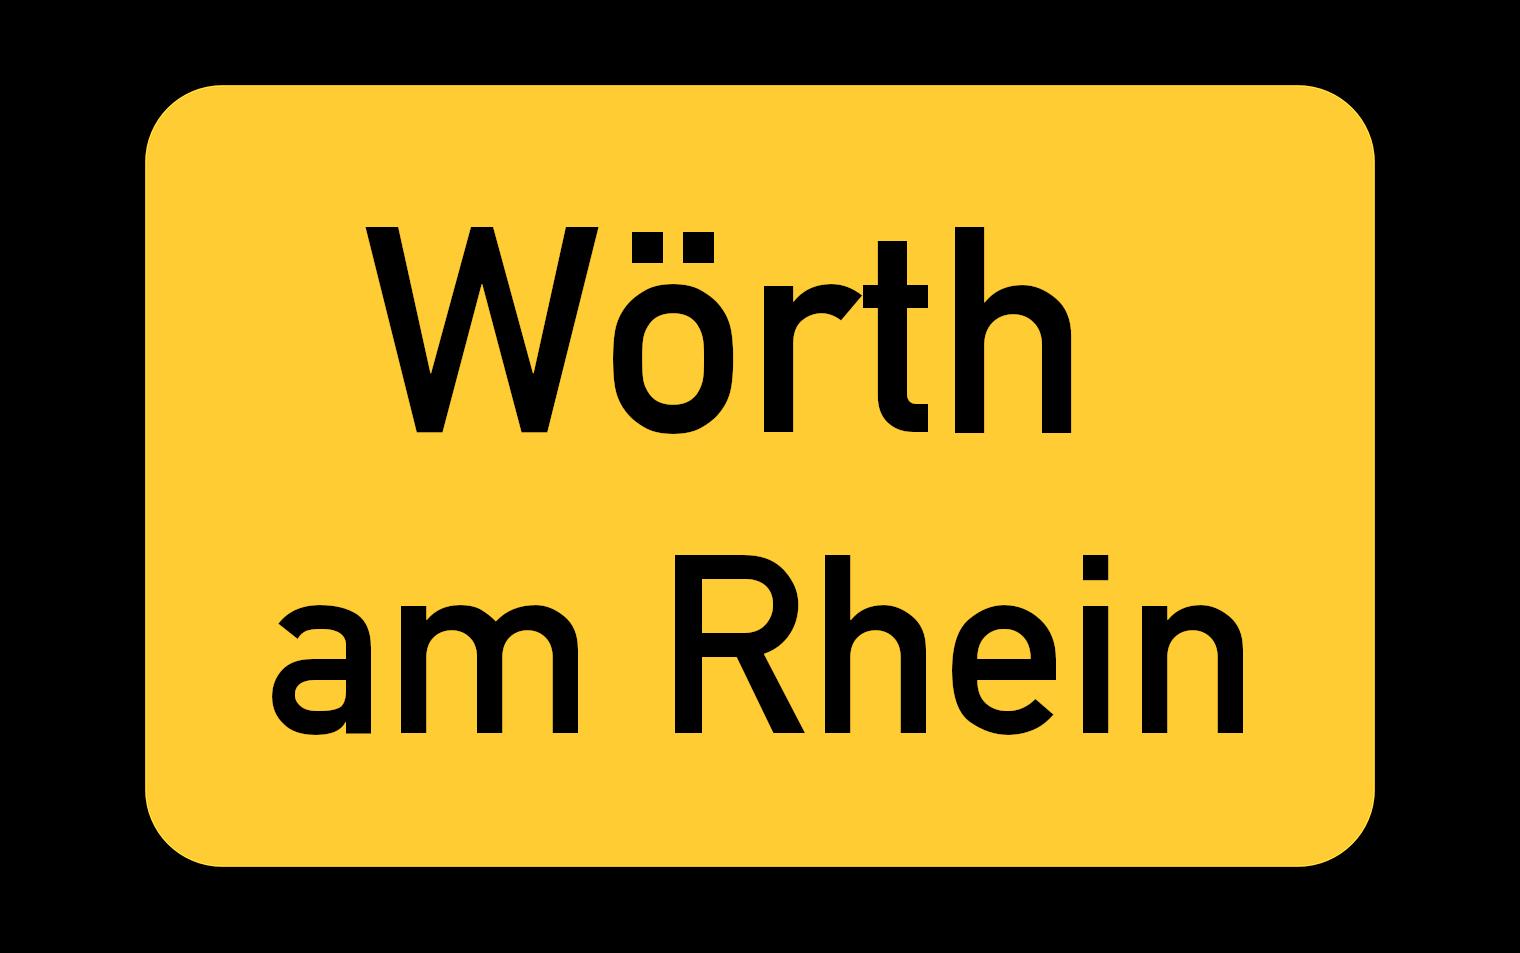 Isotox Schädlingsbekämpfung in Wörth am Rhein